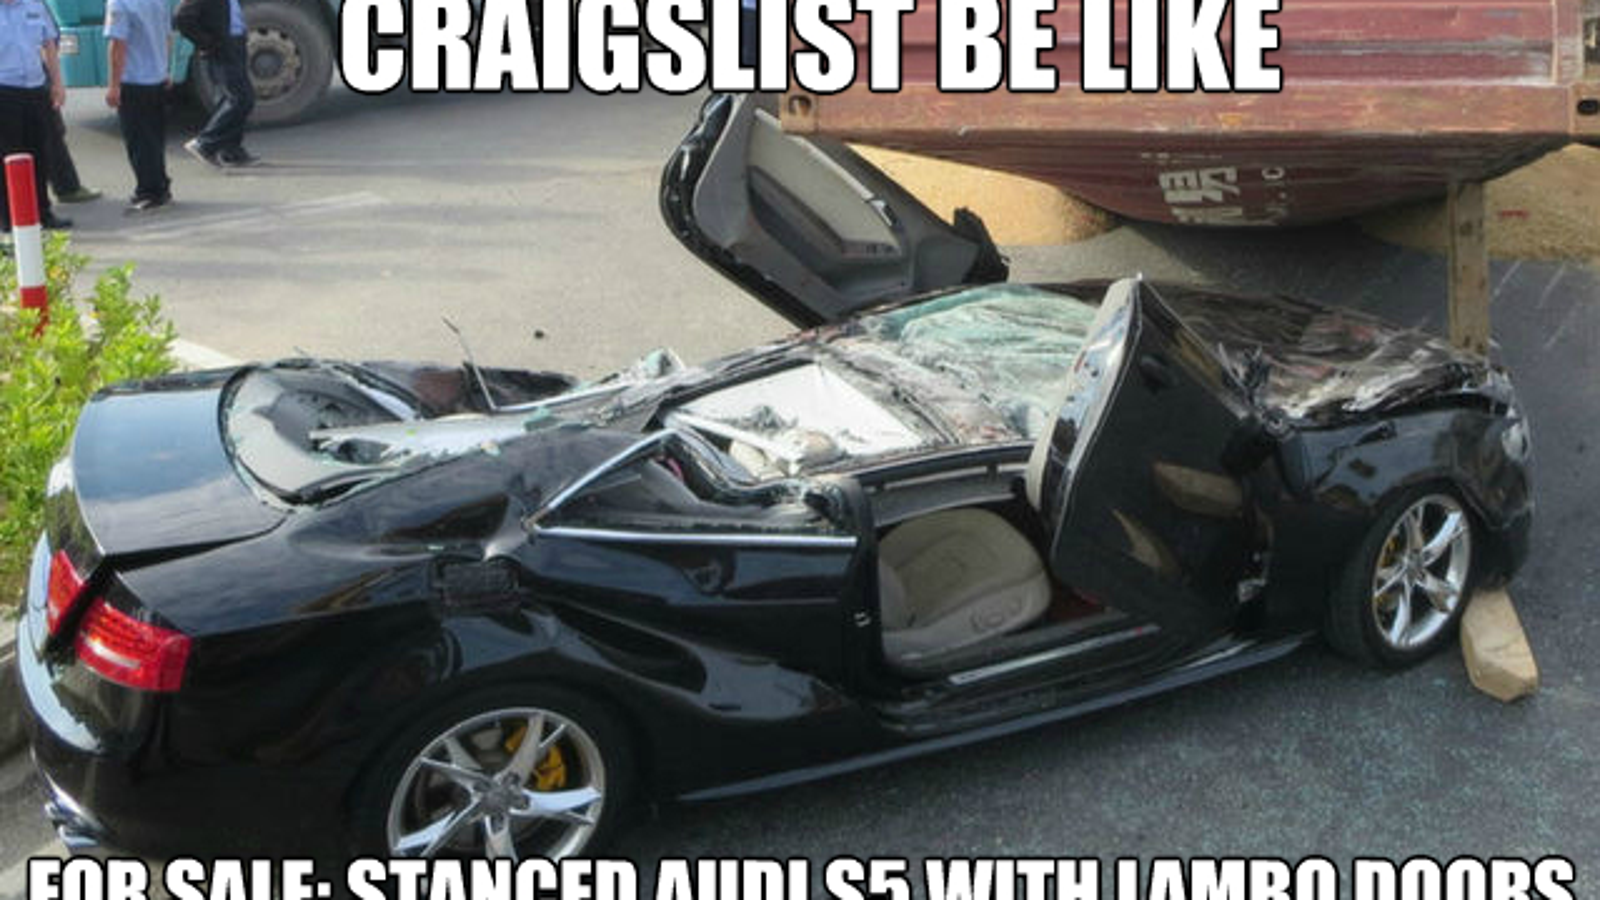 Audi S5 For Sale Craigslist >> Craigslist Be Like